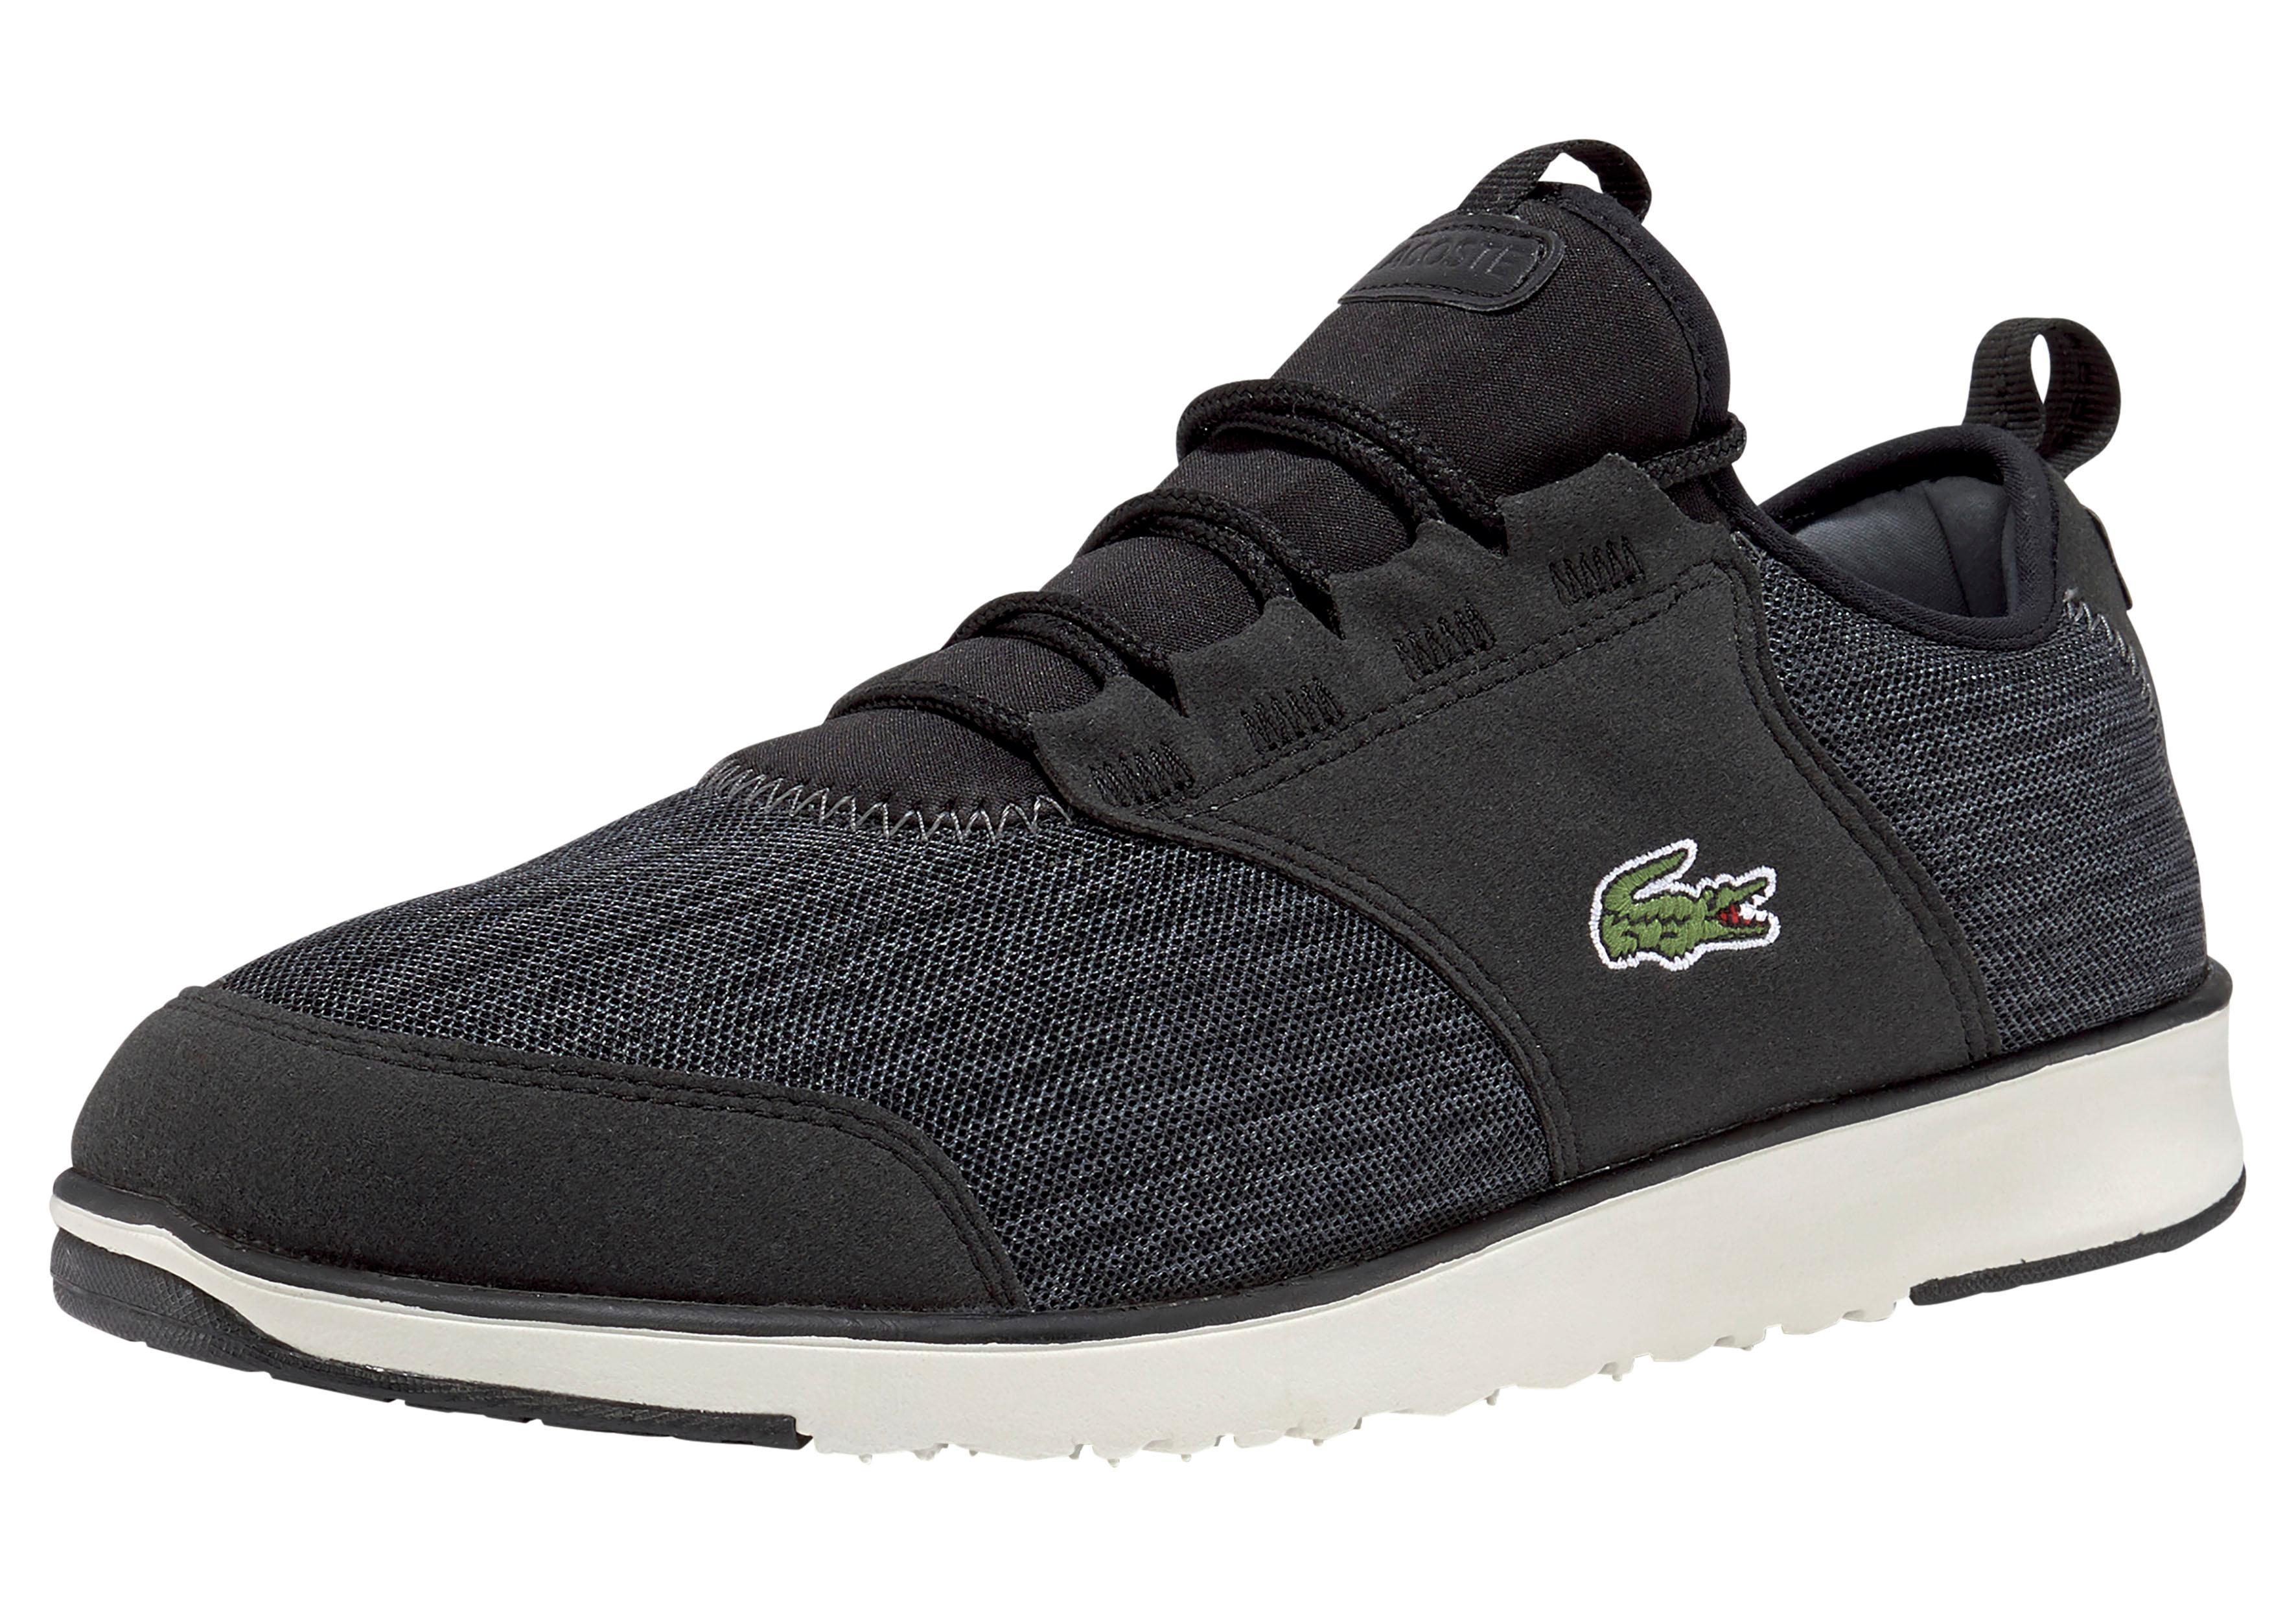 Lacoste Sneaker LIGHT SOCK LACE 119 1 SMA | Bekleidung > Wäsche > Socken | Lacoste